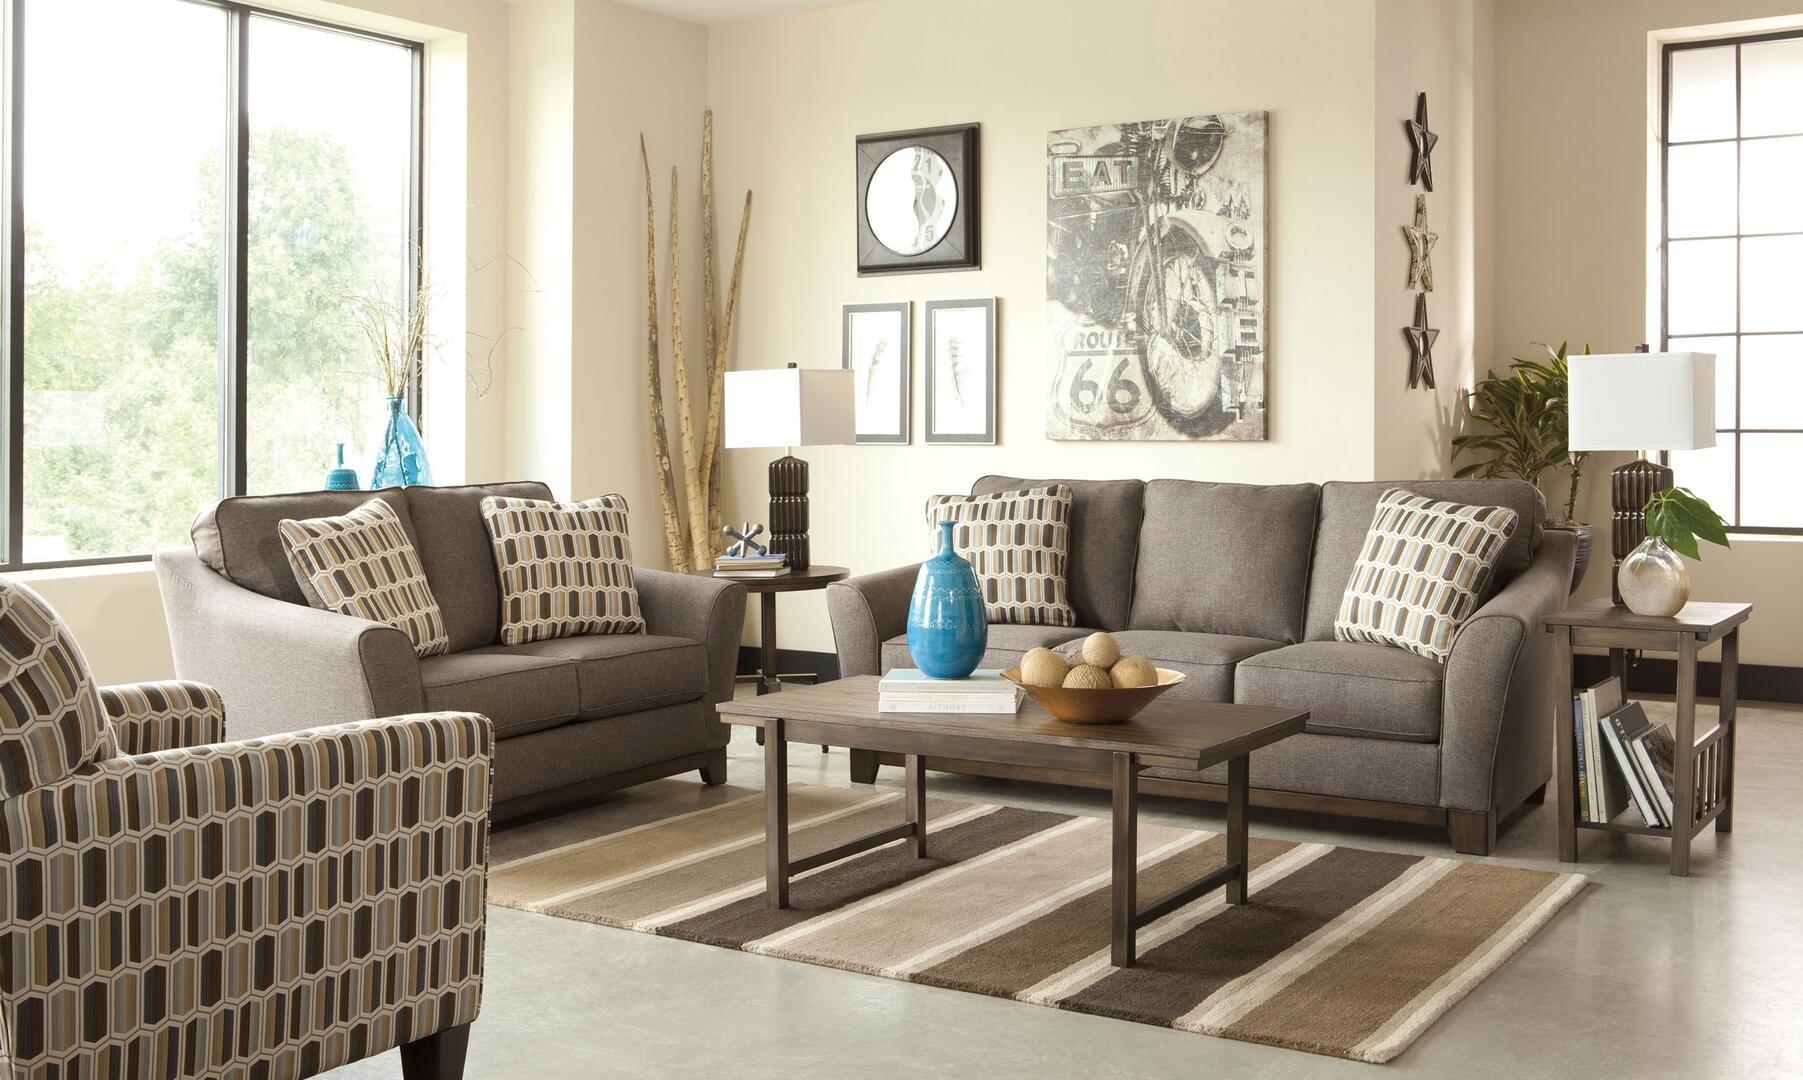 Benchcraft 4380438set3pc janley living room sets for Living room furniture 0 finance